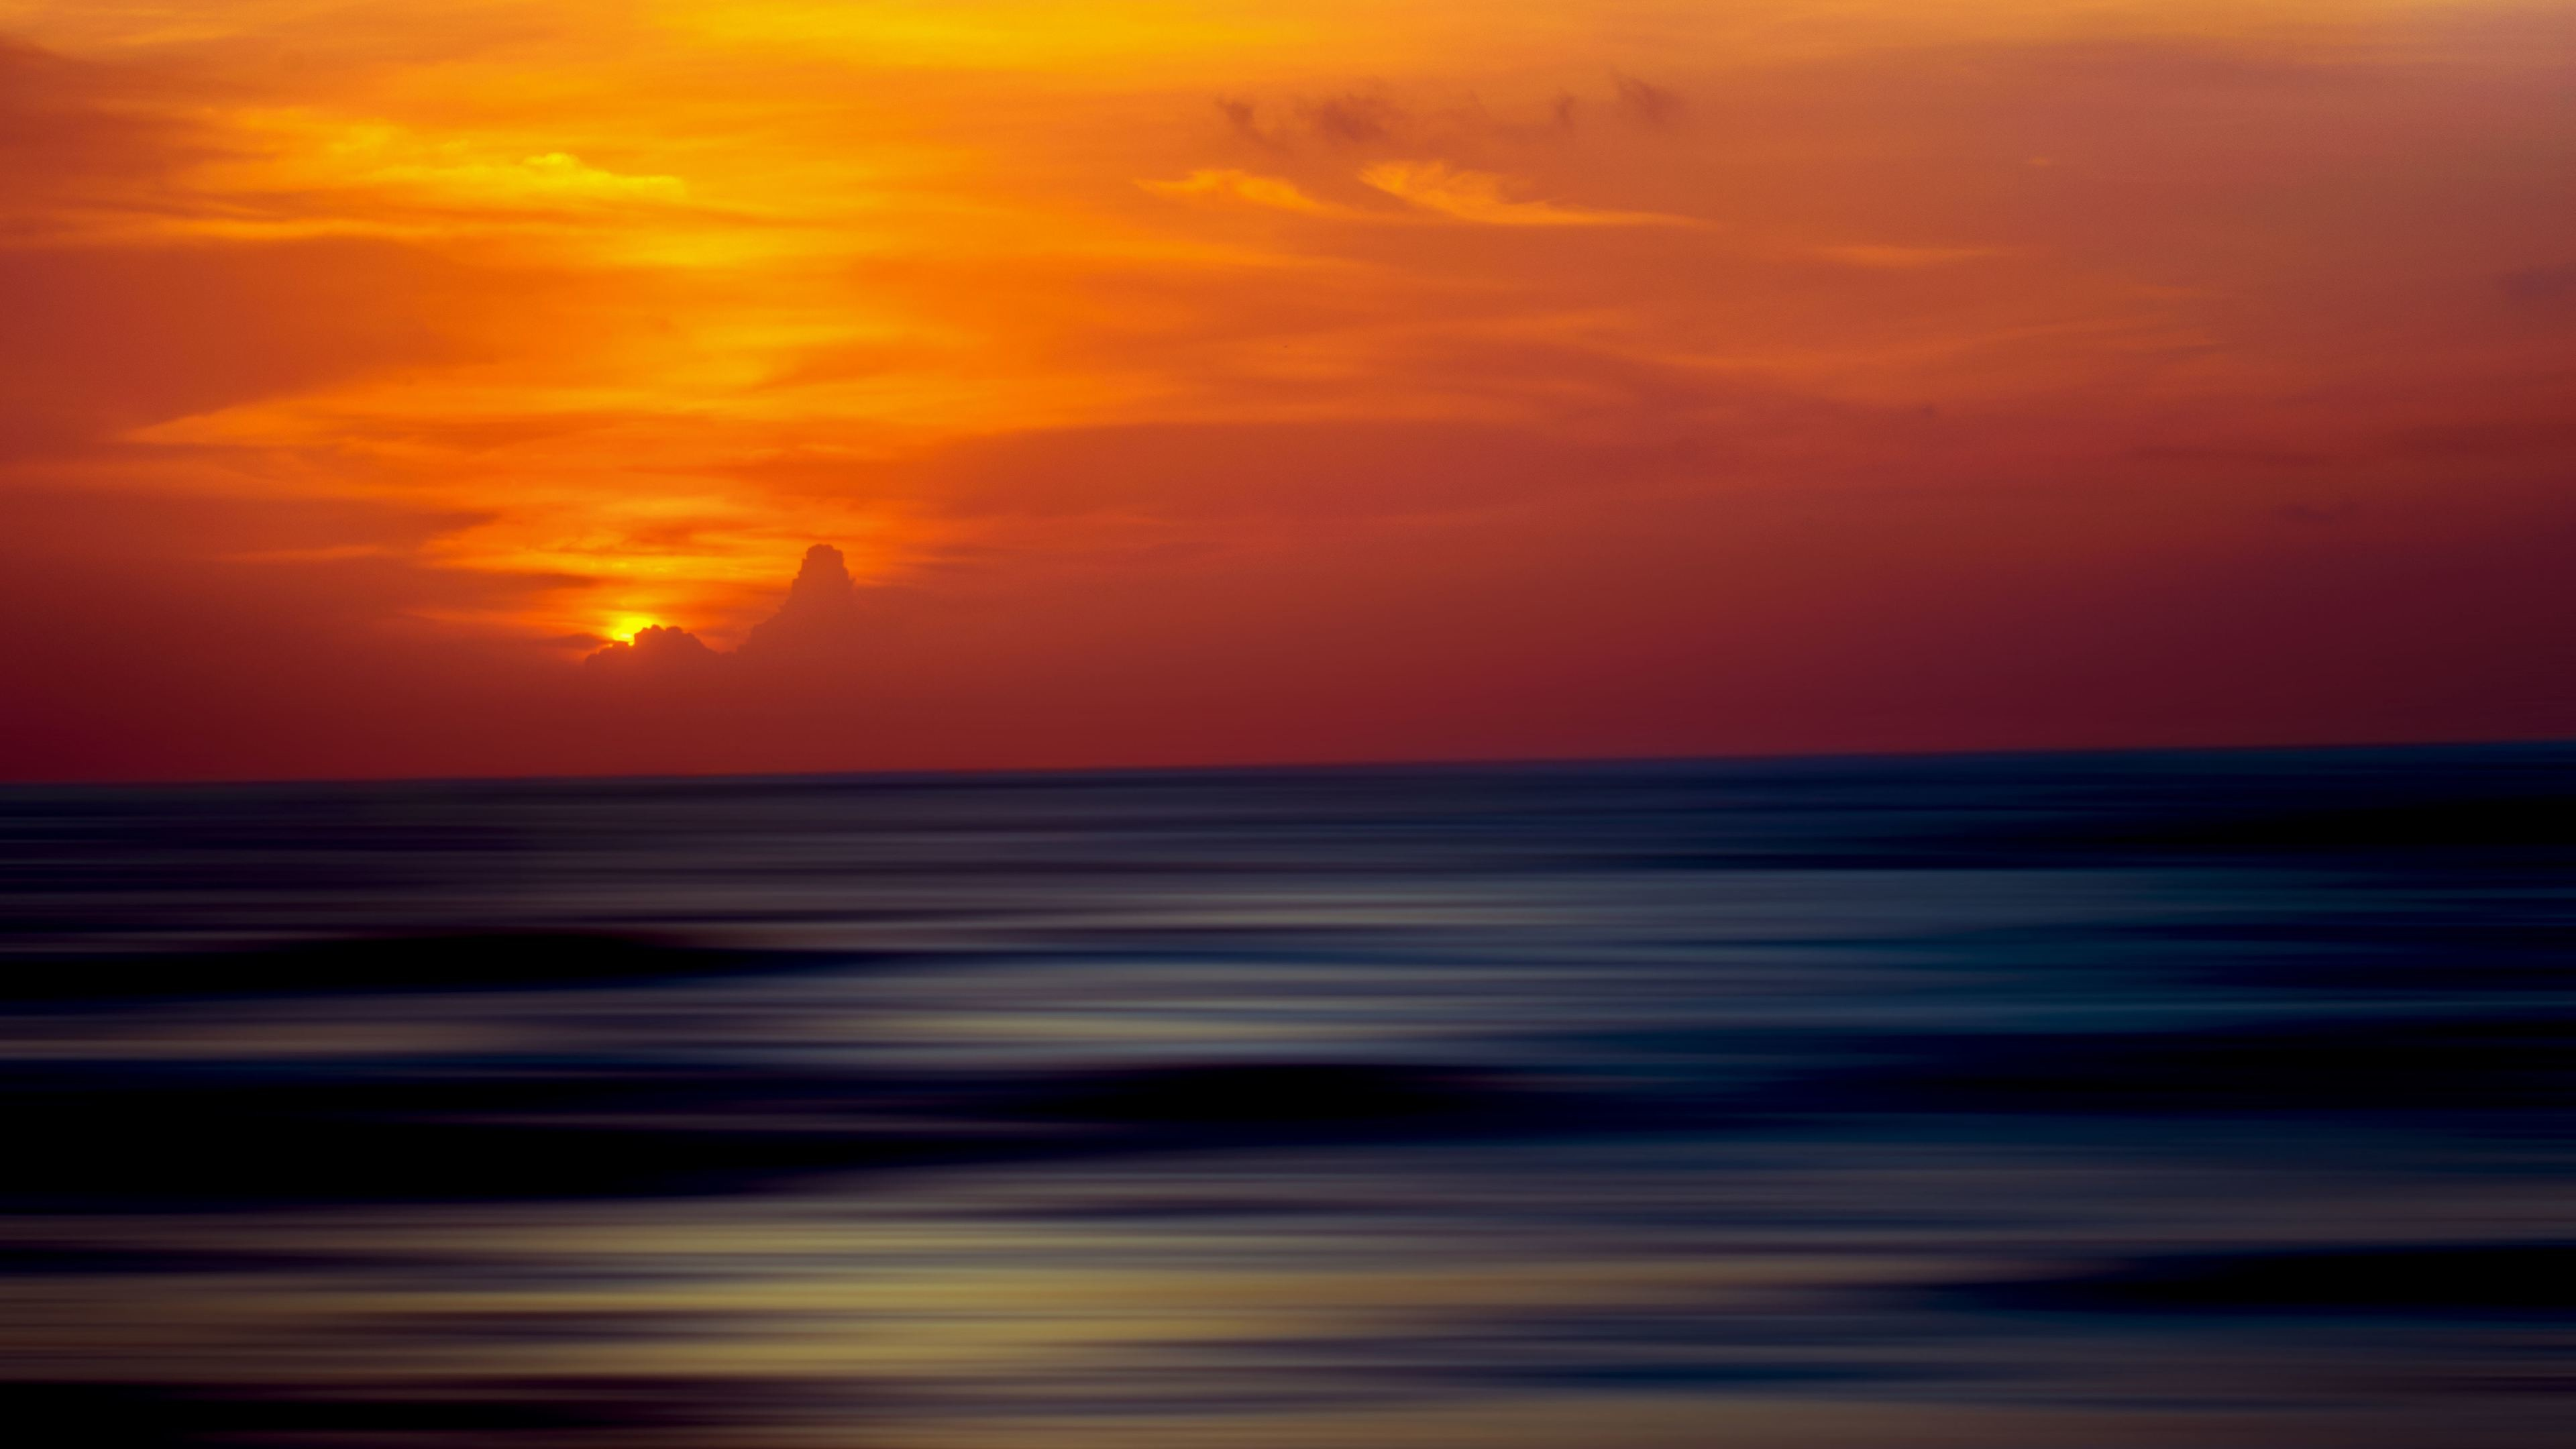 Res: 3840x2160, 5k Ocean Sunset Ripple Effect